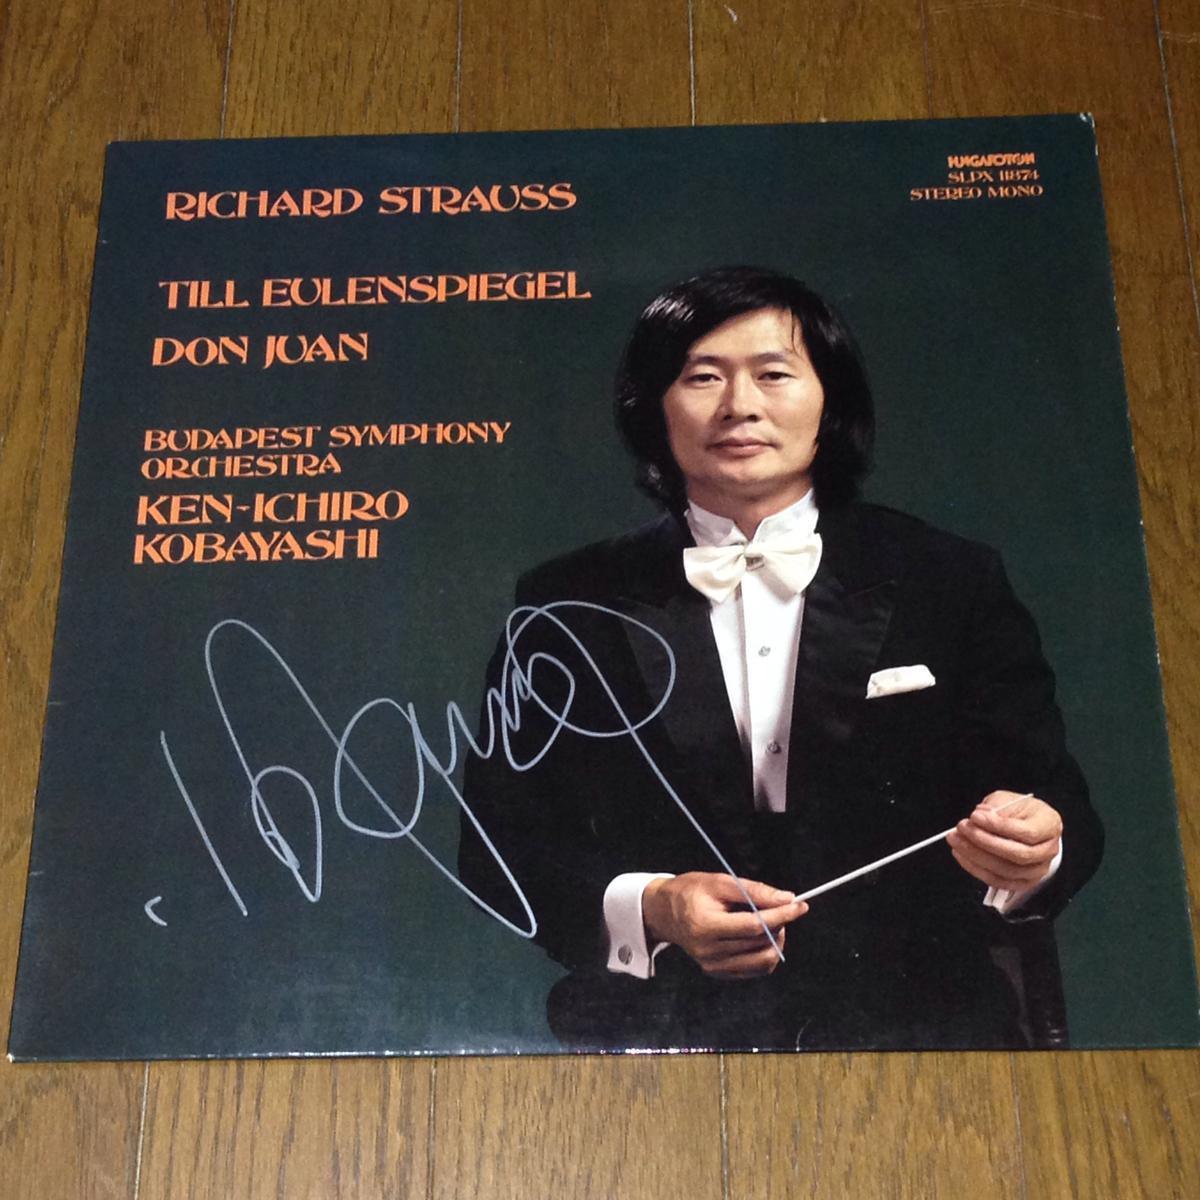 小林研一郎 直筆サイン入りレコード 輸入盤